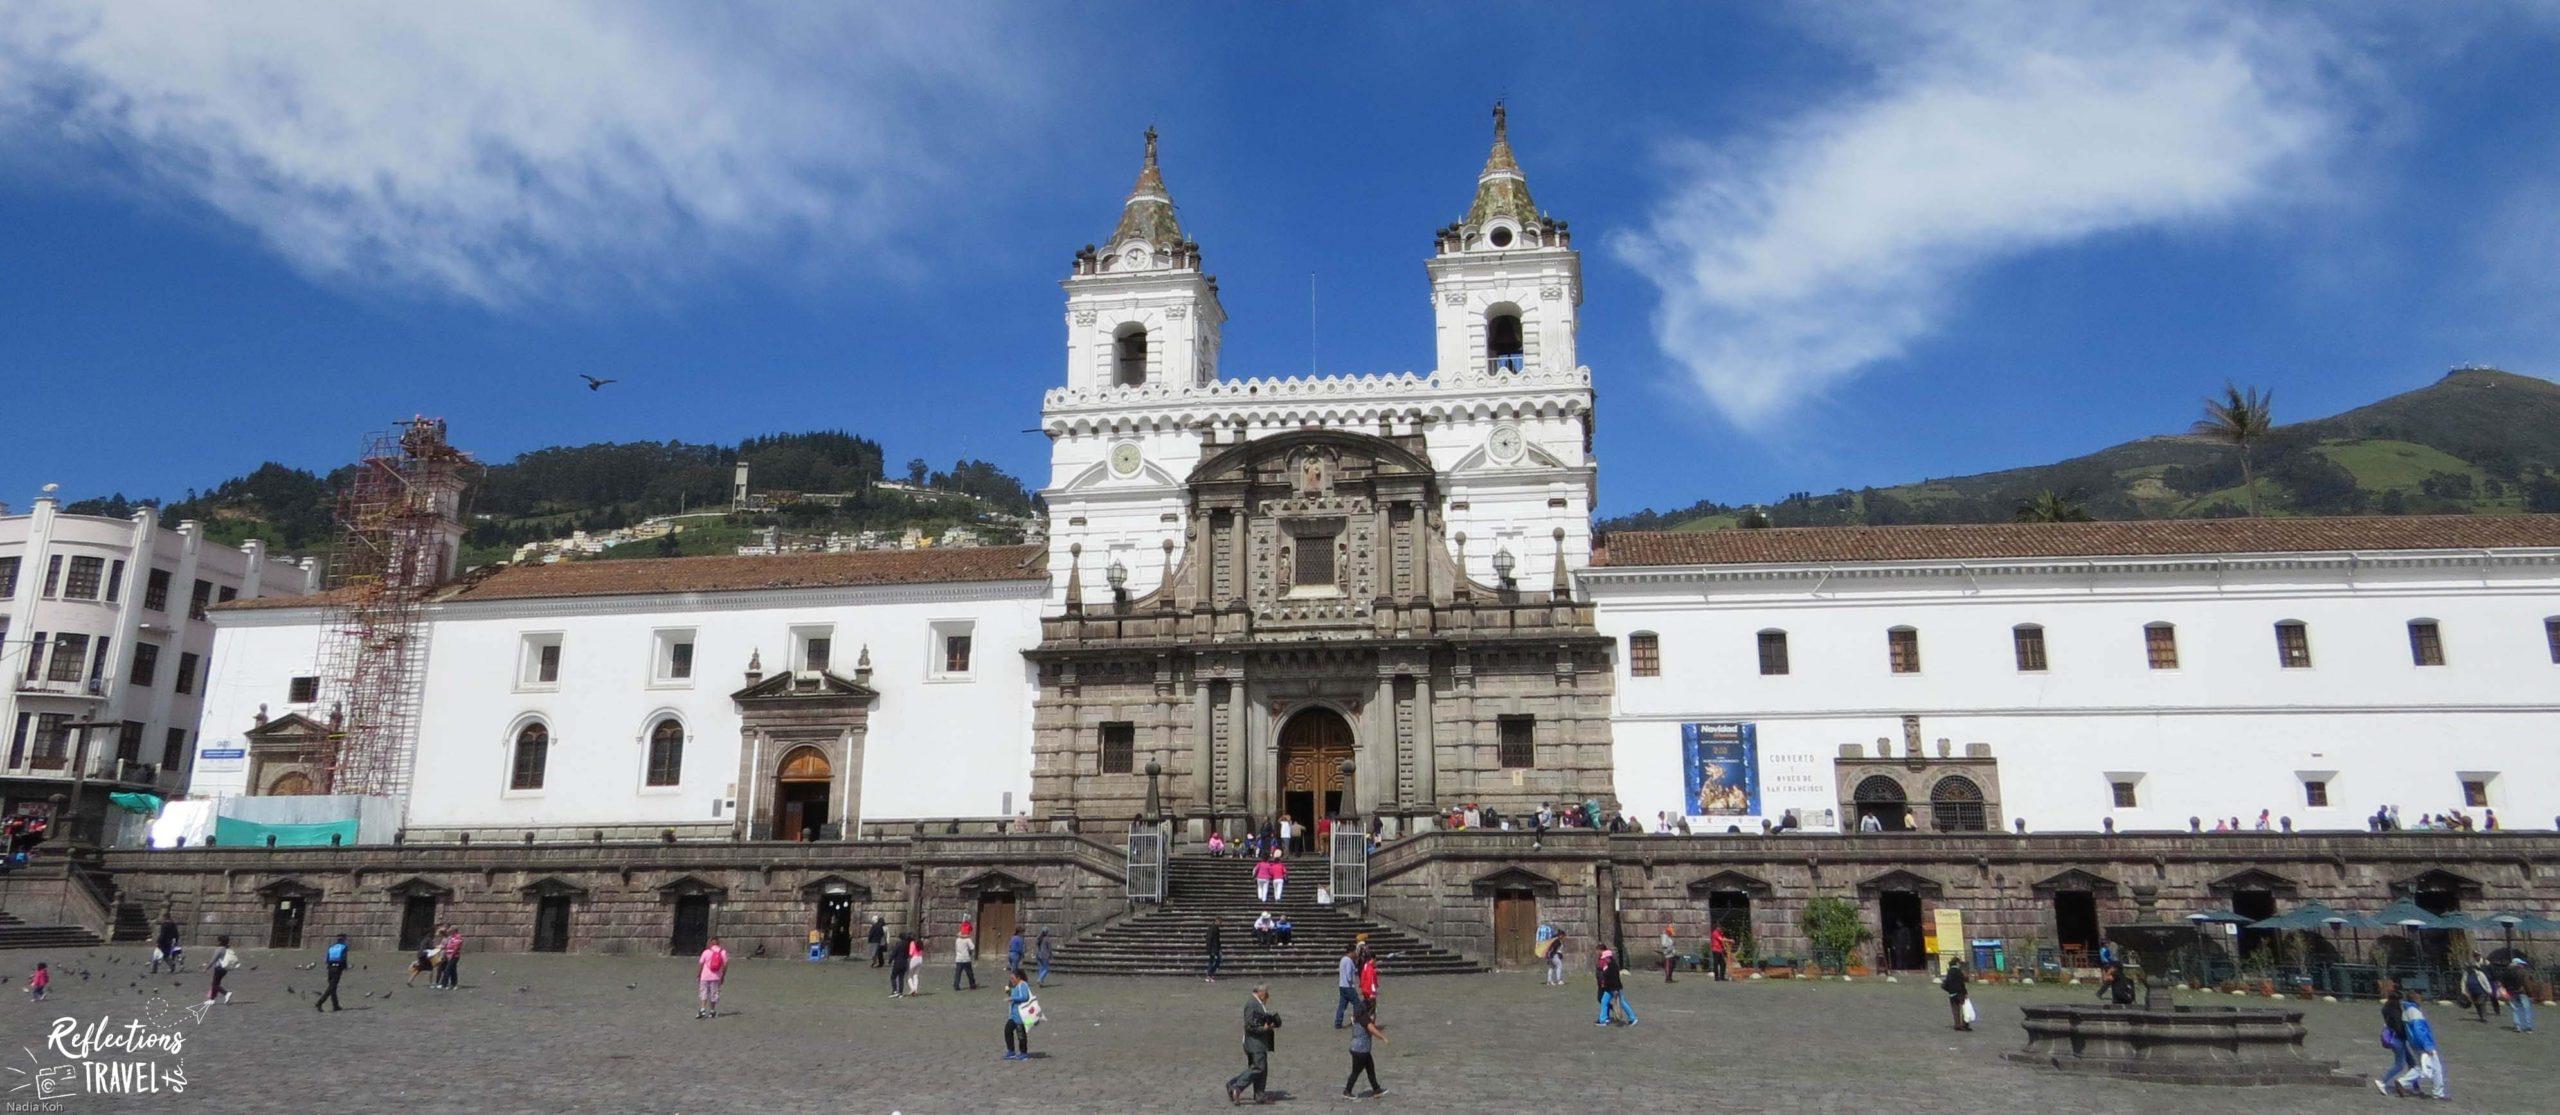 Ecuador: Quito City